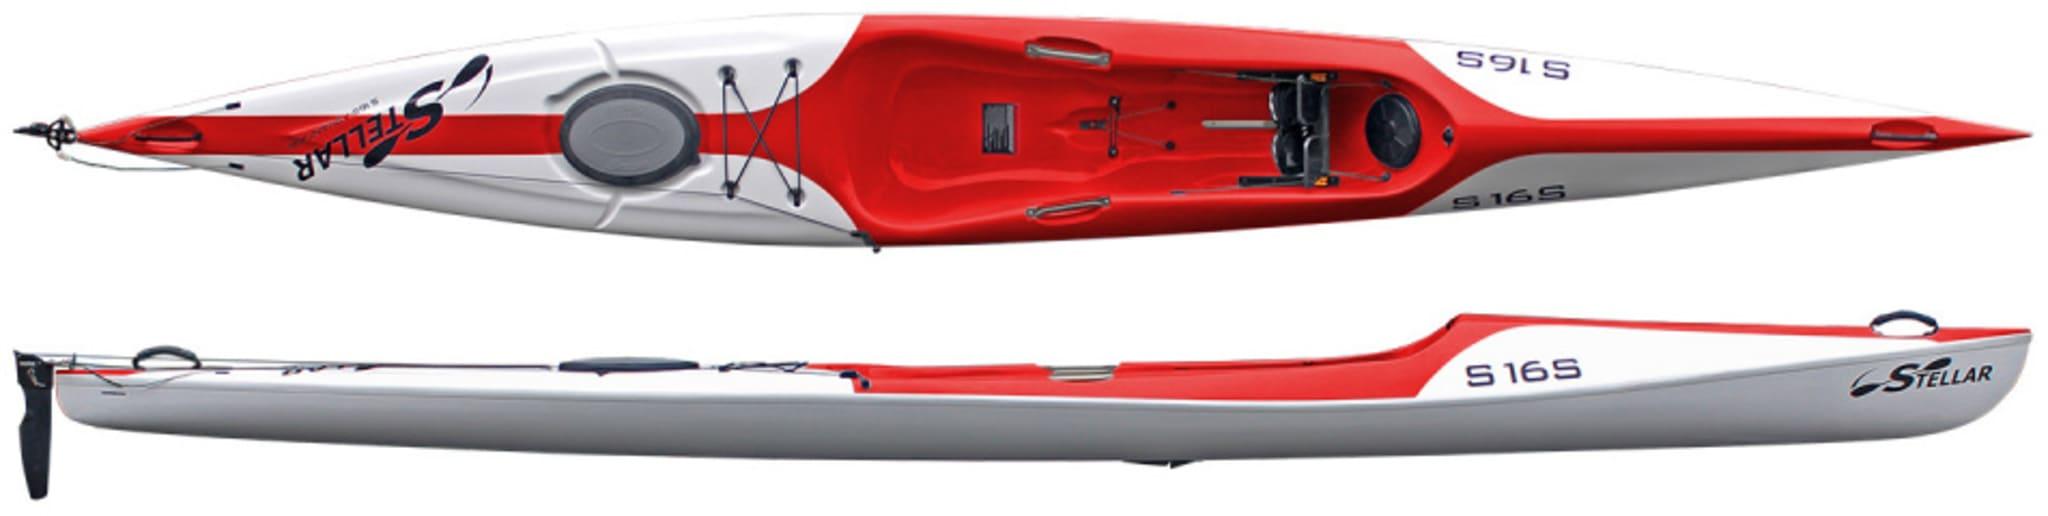 Stellar S16S Excel - kun 12,5 kg!. Stabil surfski for den kresne turpadler